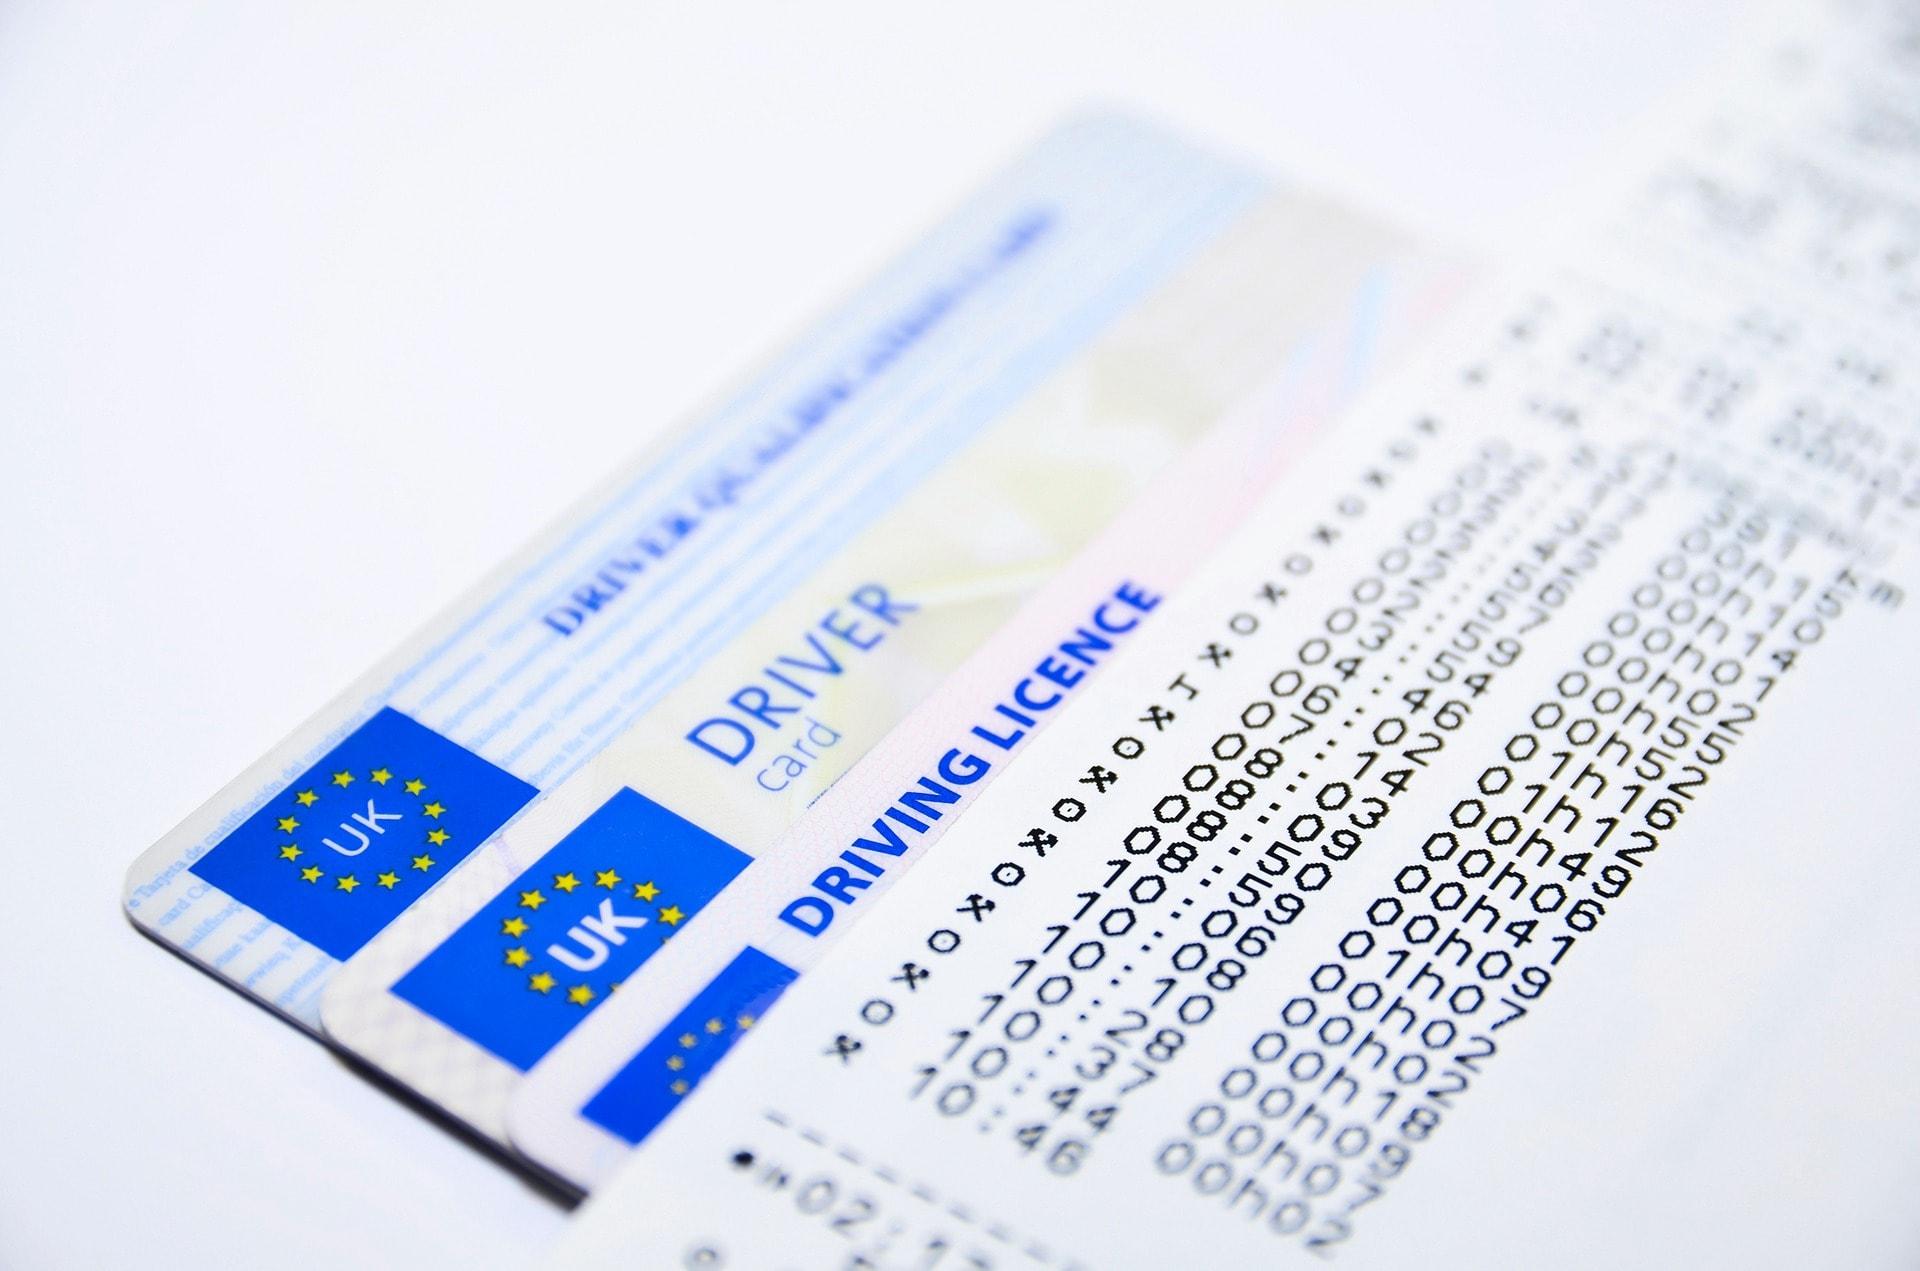 アメリカ留学中に自動車免許を取る方法【筆記試験】